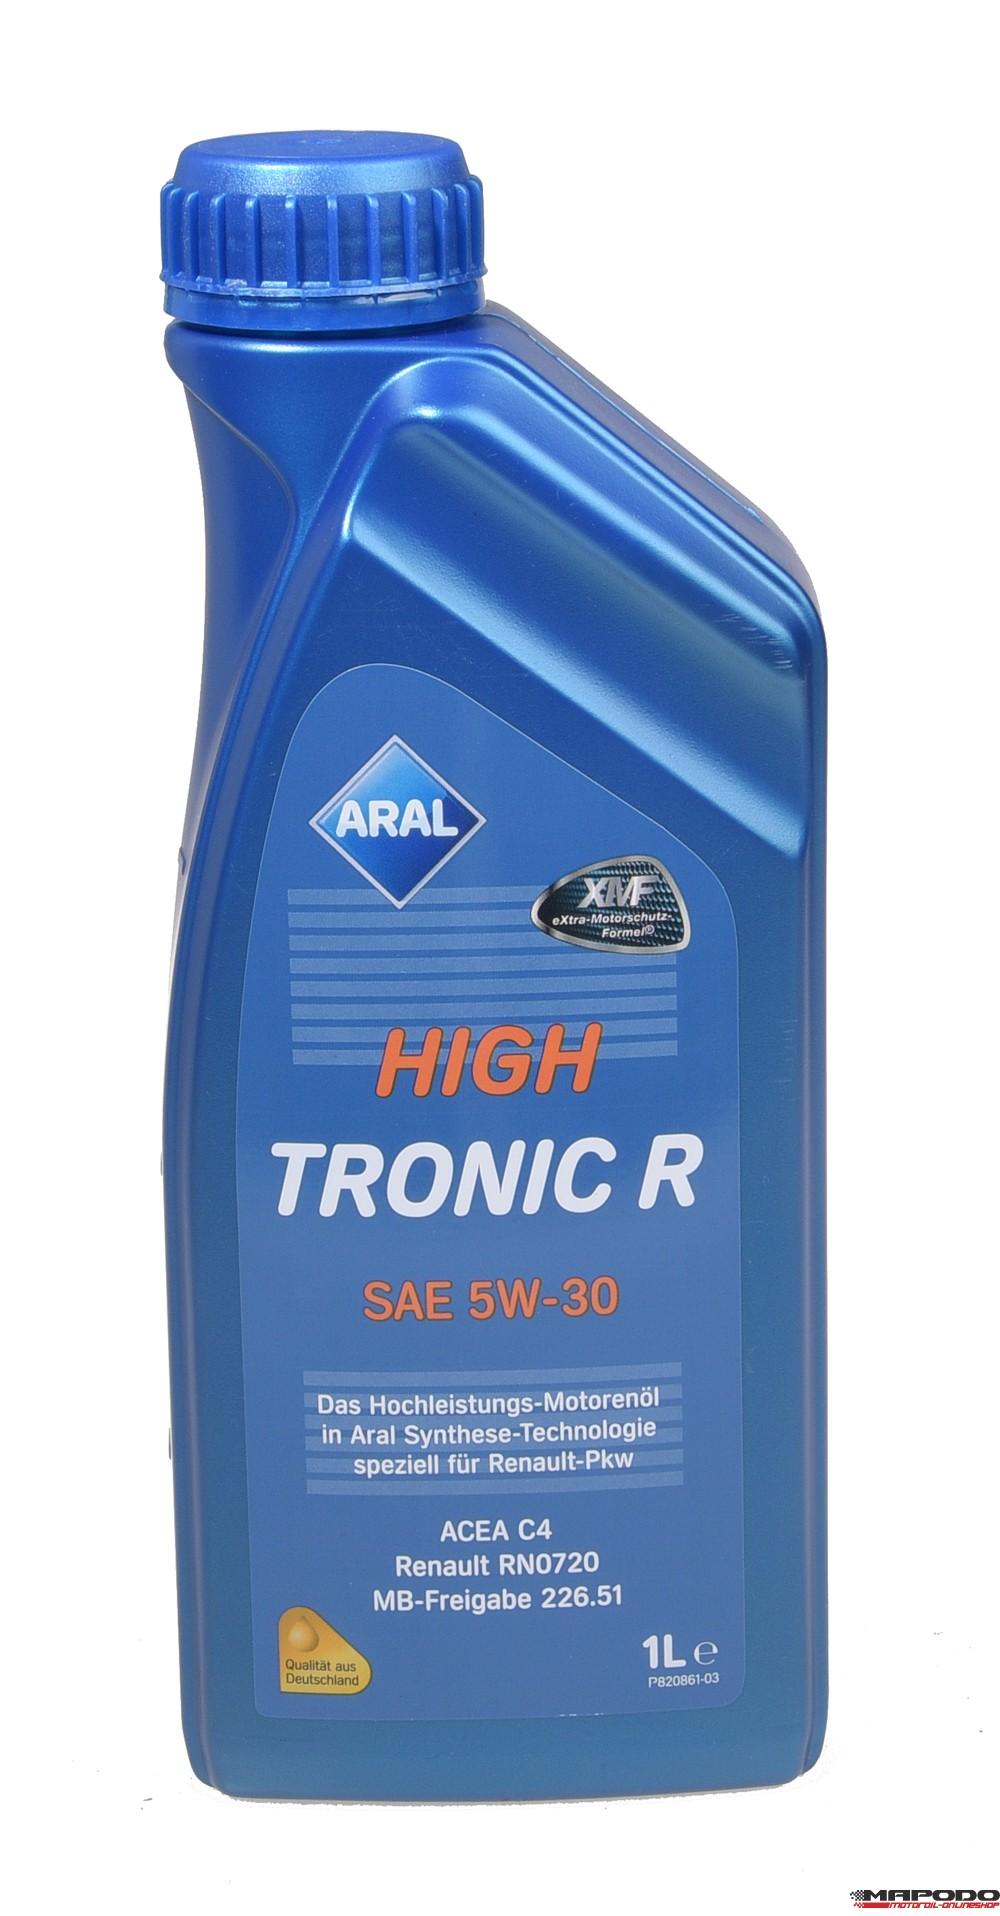 Aral HighTronic R (Renault Diesel) 5W-30